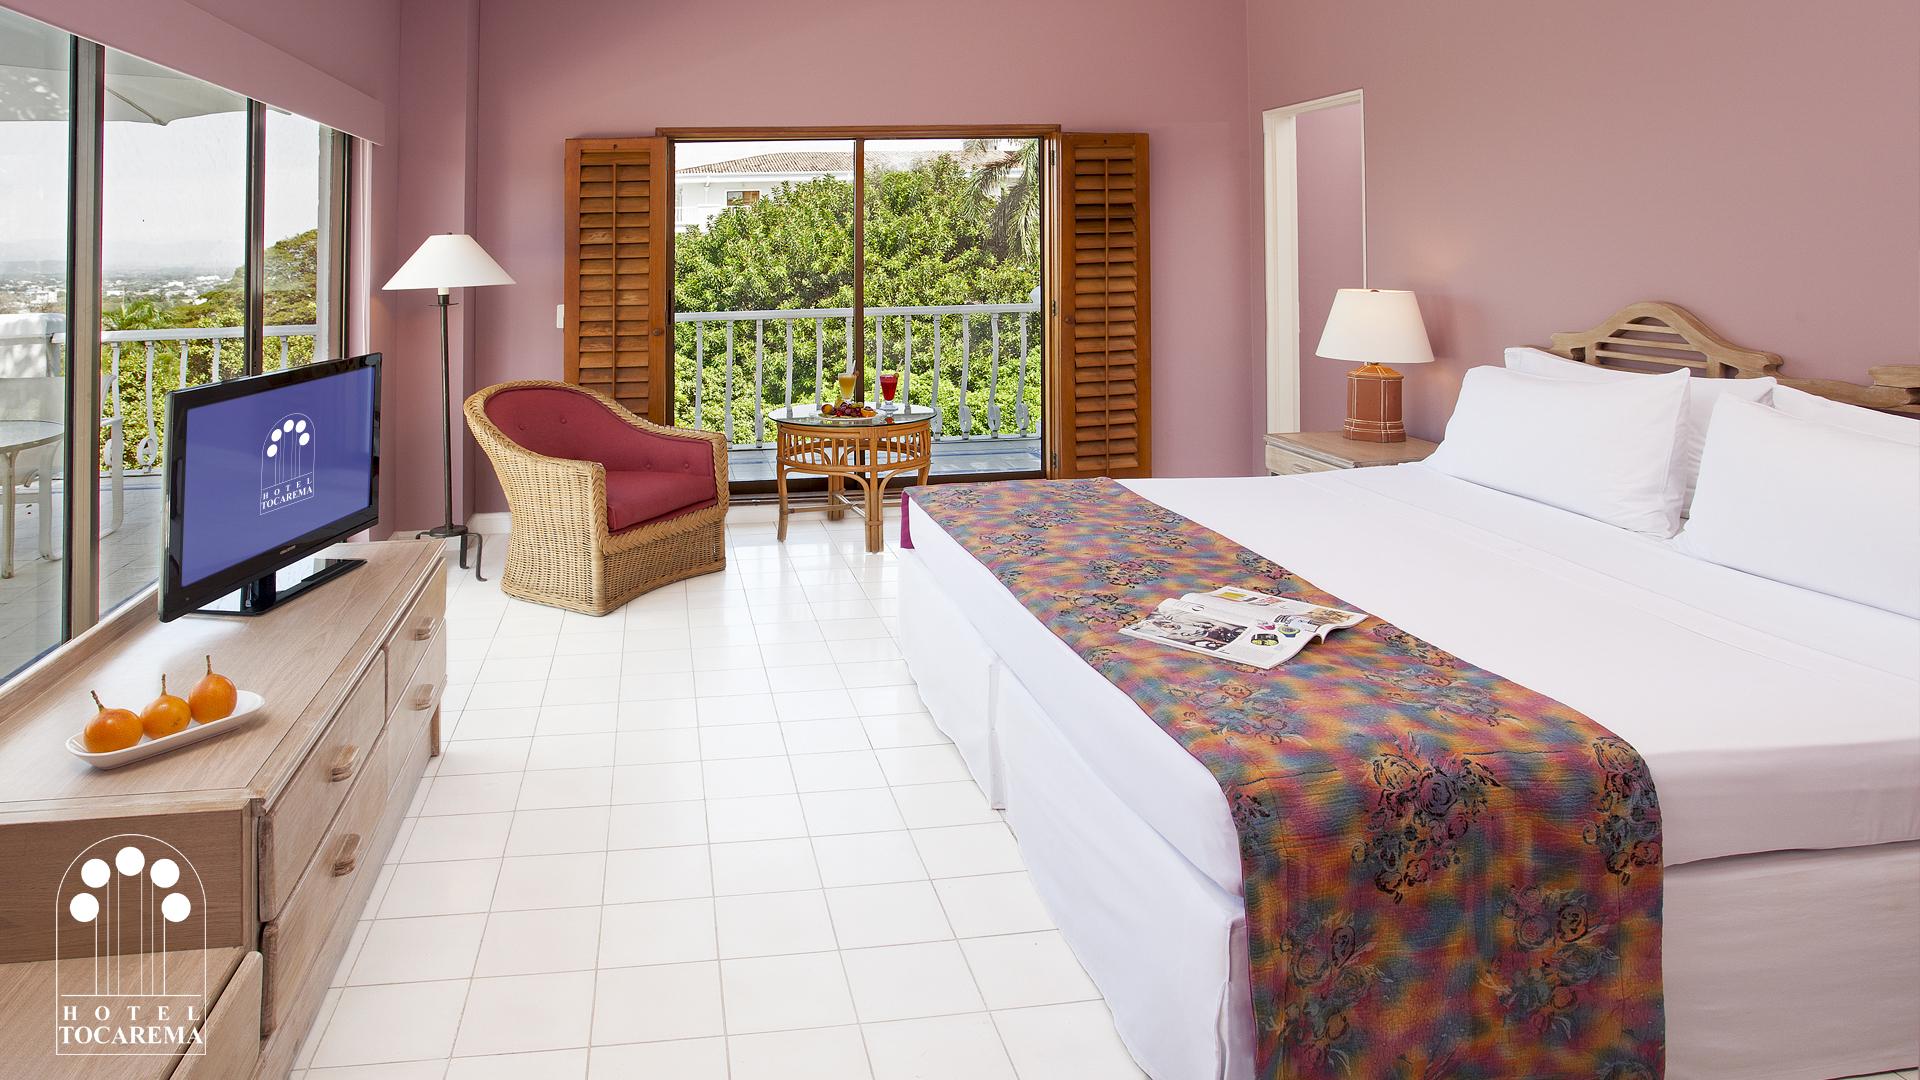 Habitaciones-Confortables-Hotel-Tocarema